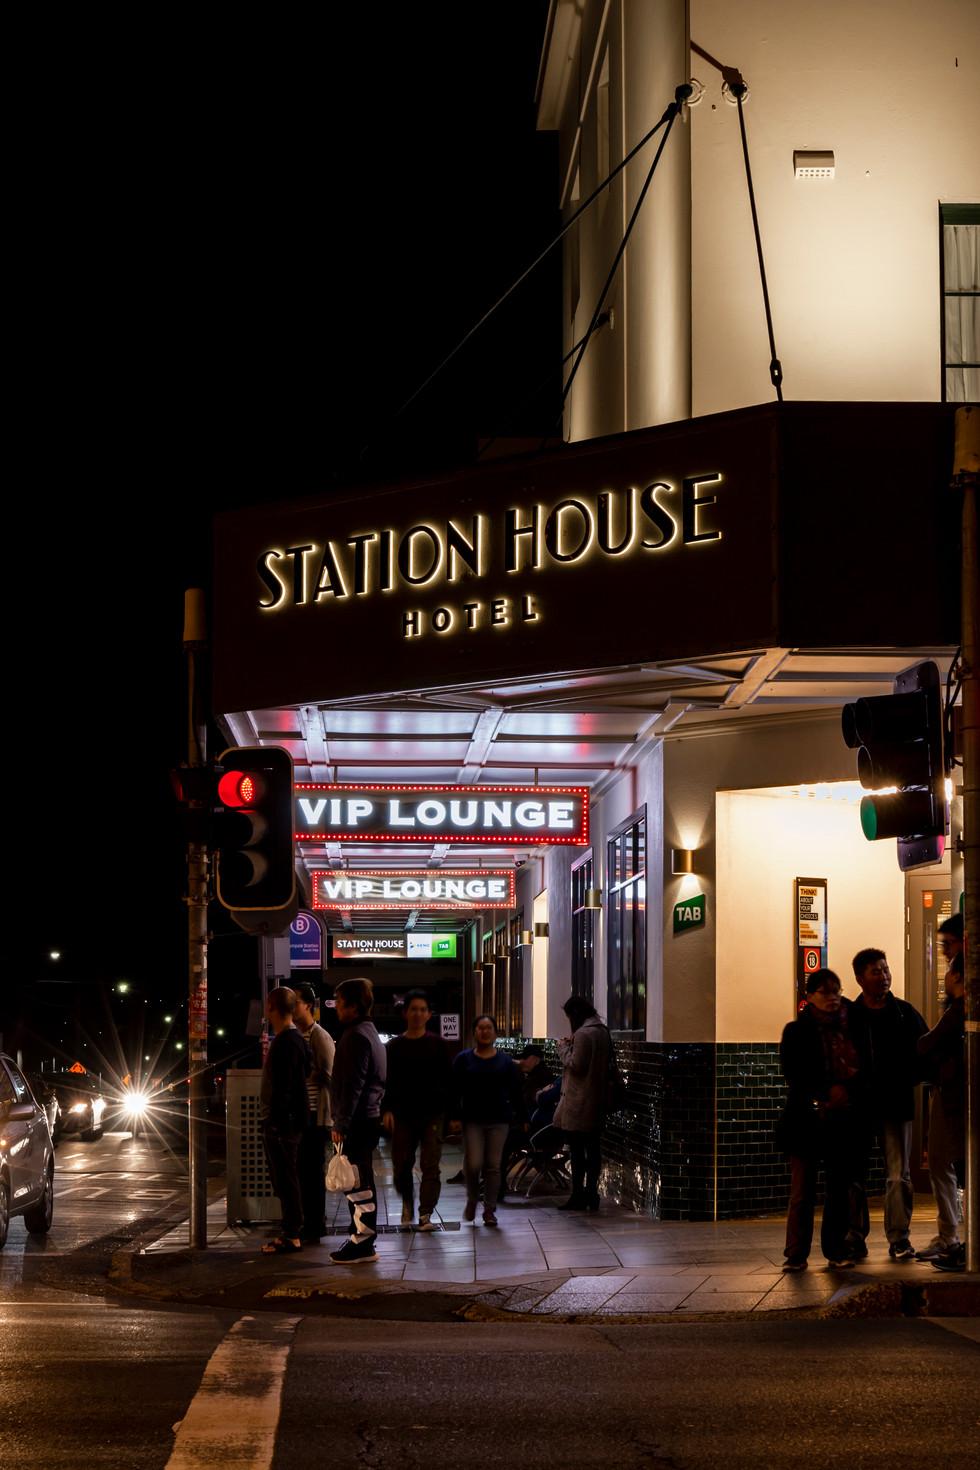 STATION HOUSE_VENUE SIGN CORNER.jpg